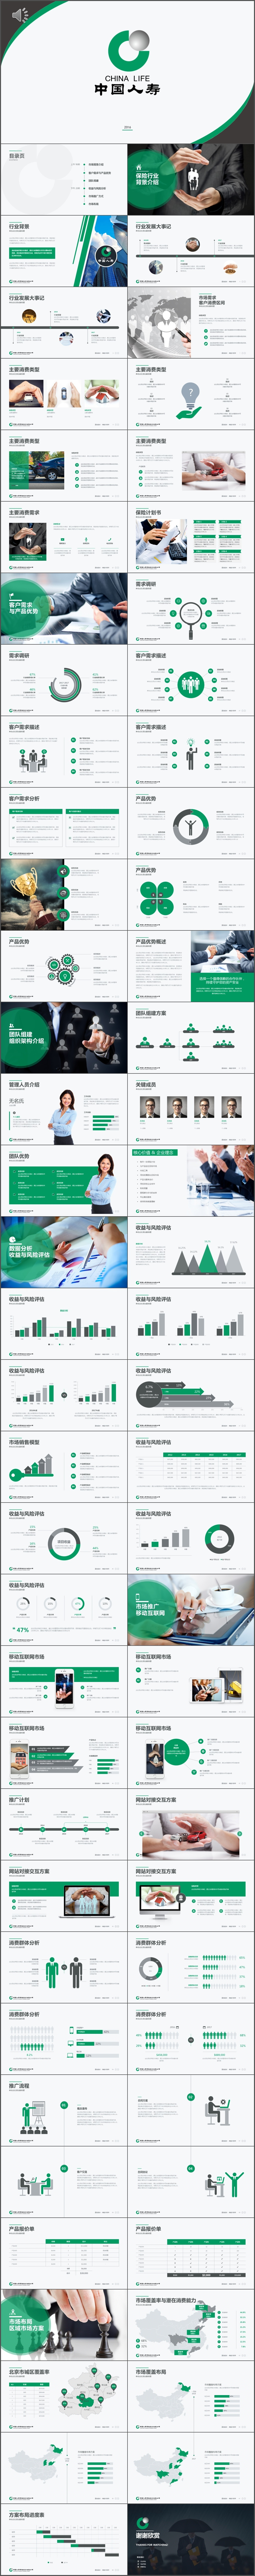 创业融资计划书公司简介绍商业策划书招商计划项目投资PPT模板(2179)